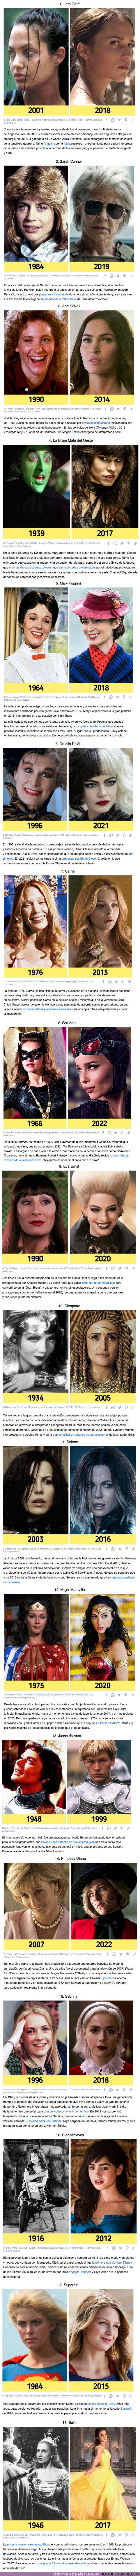 67915 - GALERÍA: 18 Pares de actrices que les dieron vida a un mismo personaje de formas muy distintas